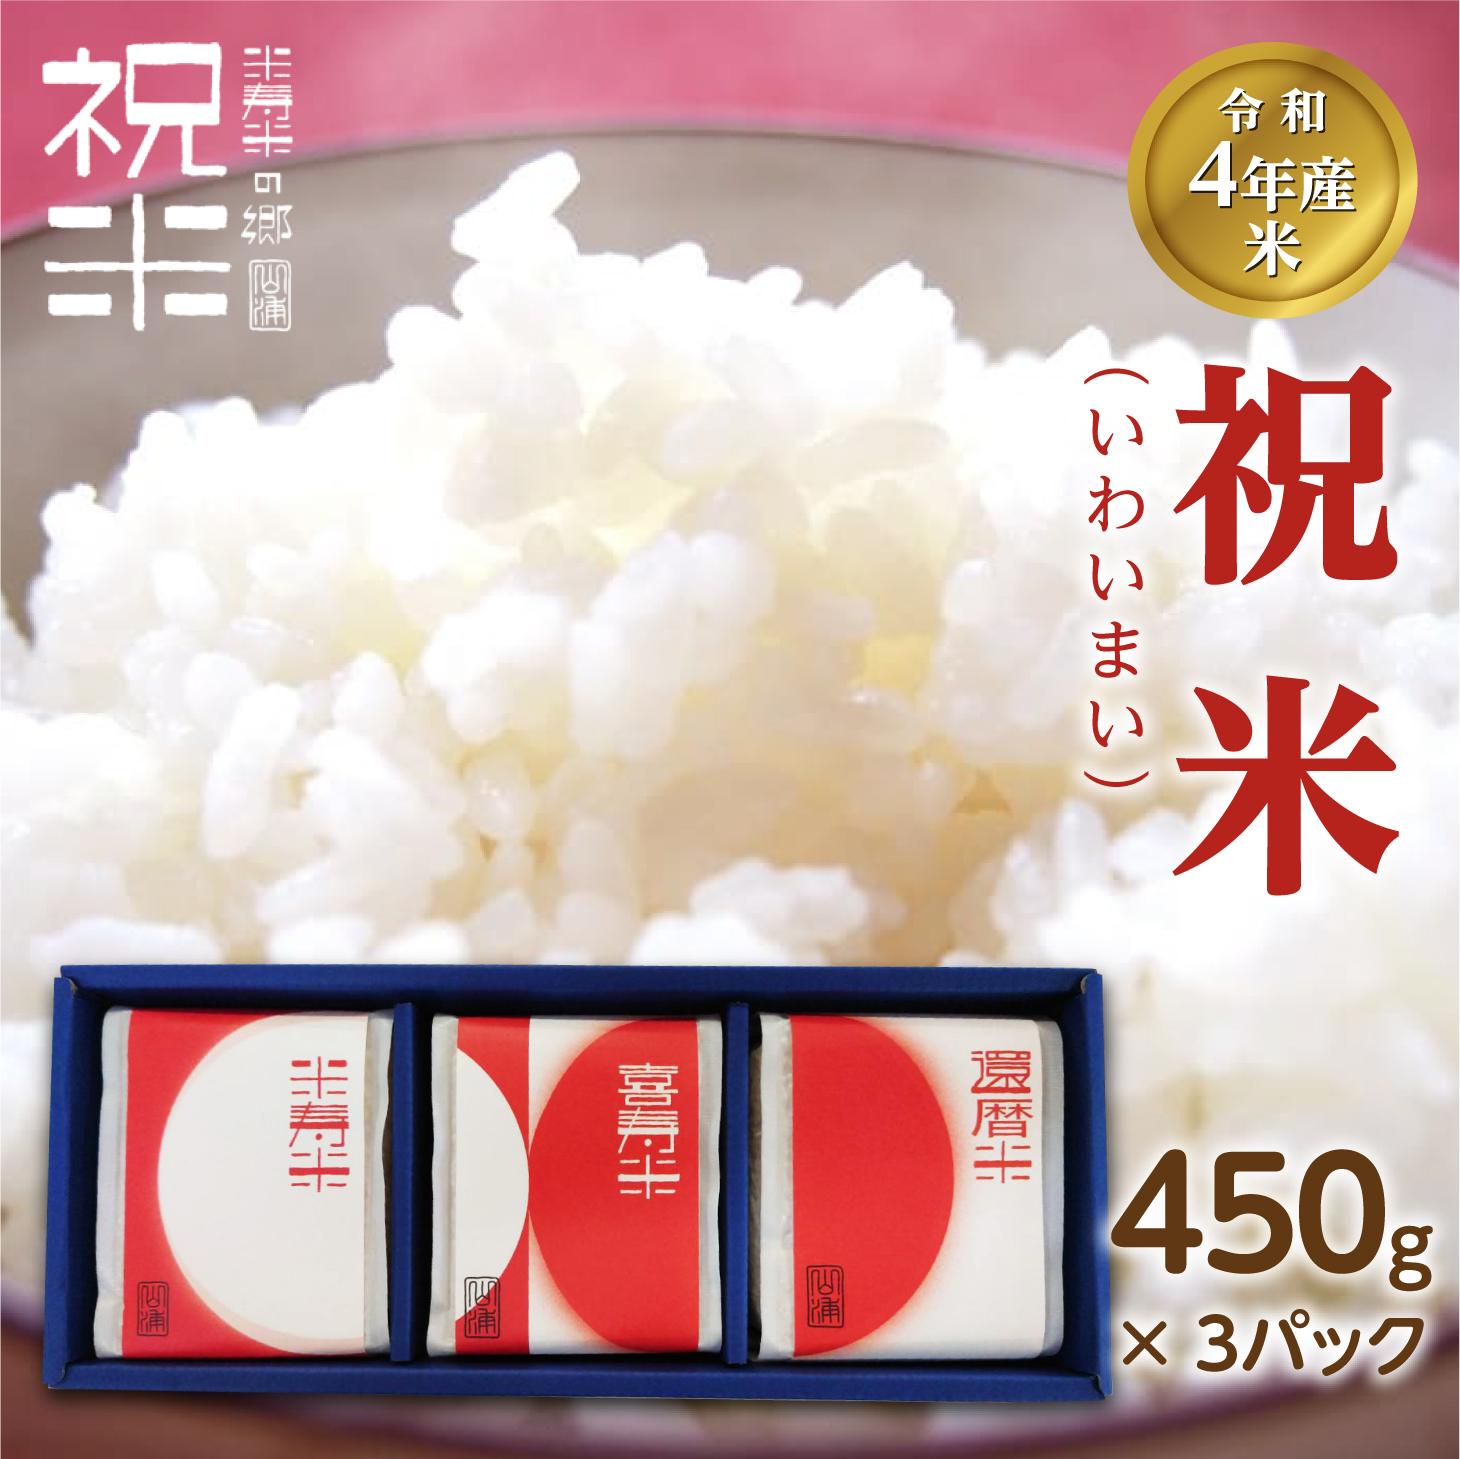 ふるさと納税 令和3年産《祝米 限定特価 定番スタイル いわいまい 》450g×3パック